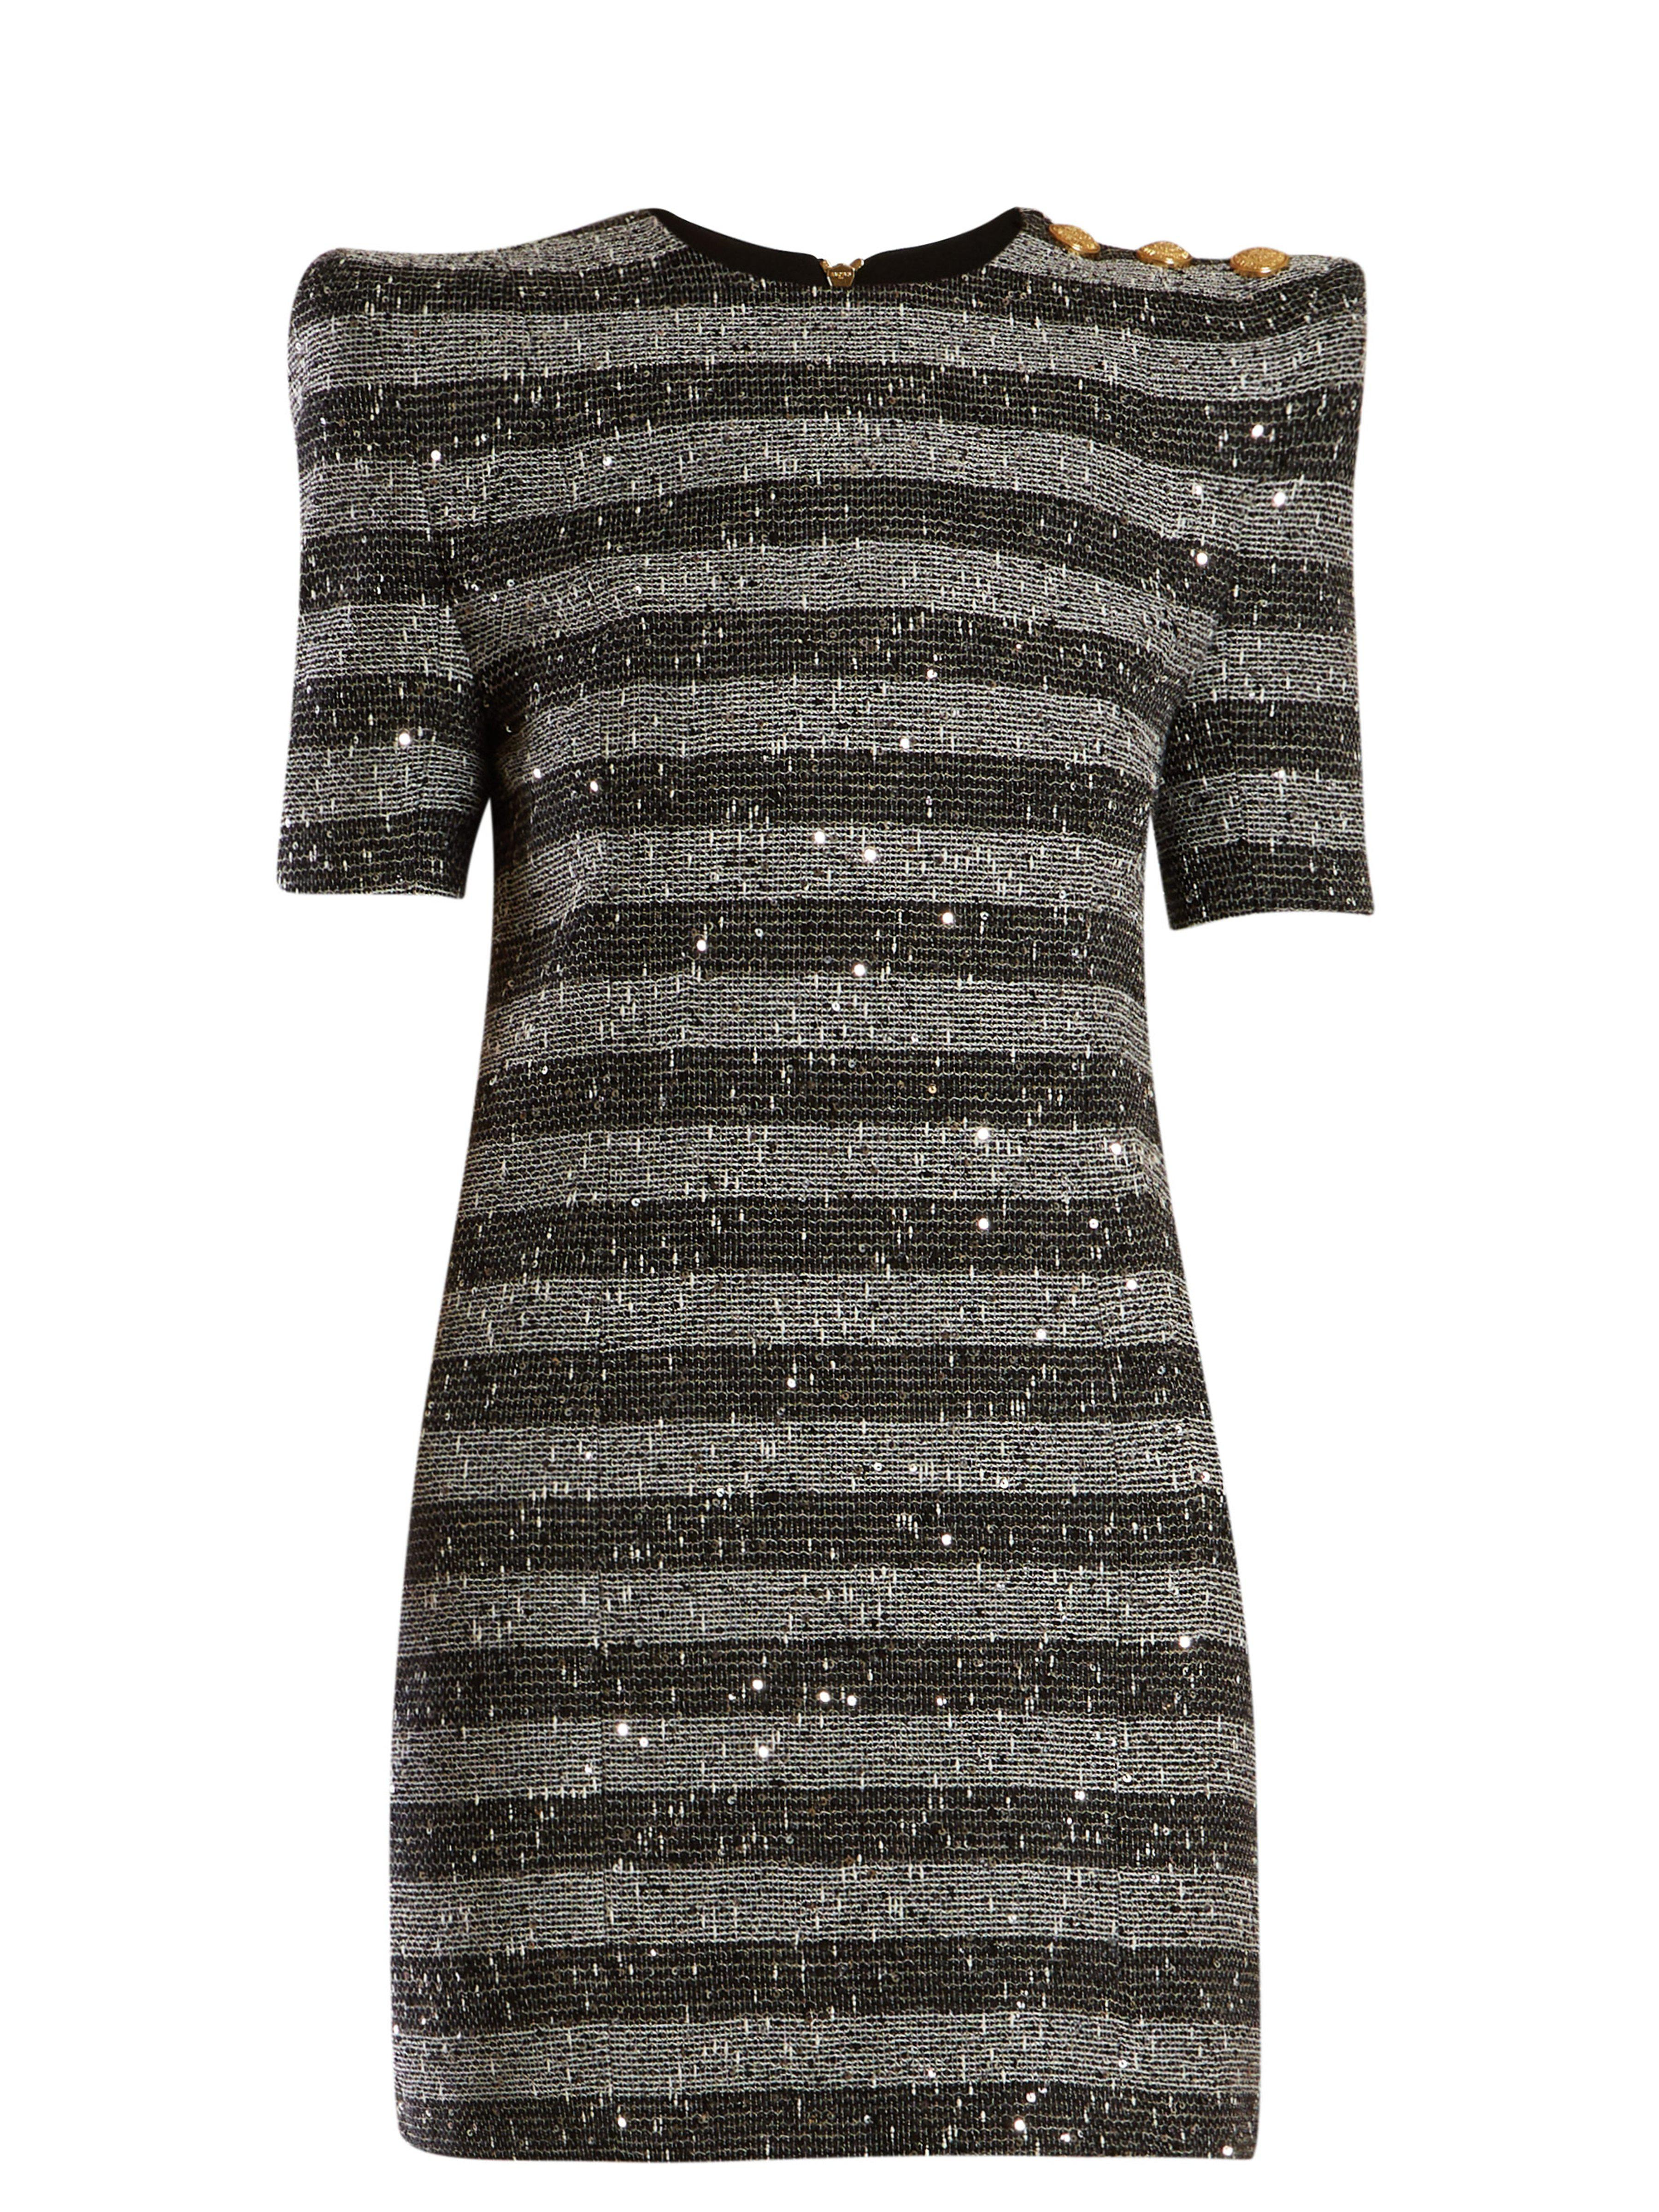 d78f04a2 Balmain Striped Metallic Tweed Mini Dress in Black - Lyst